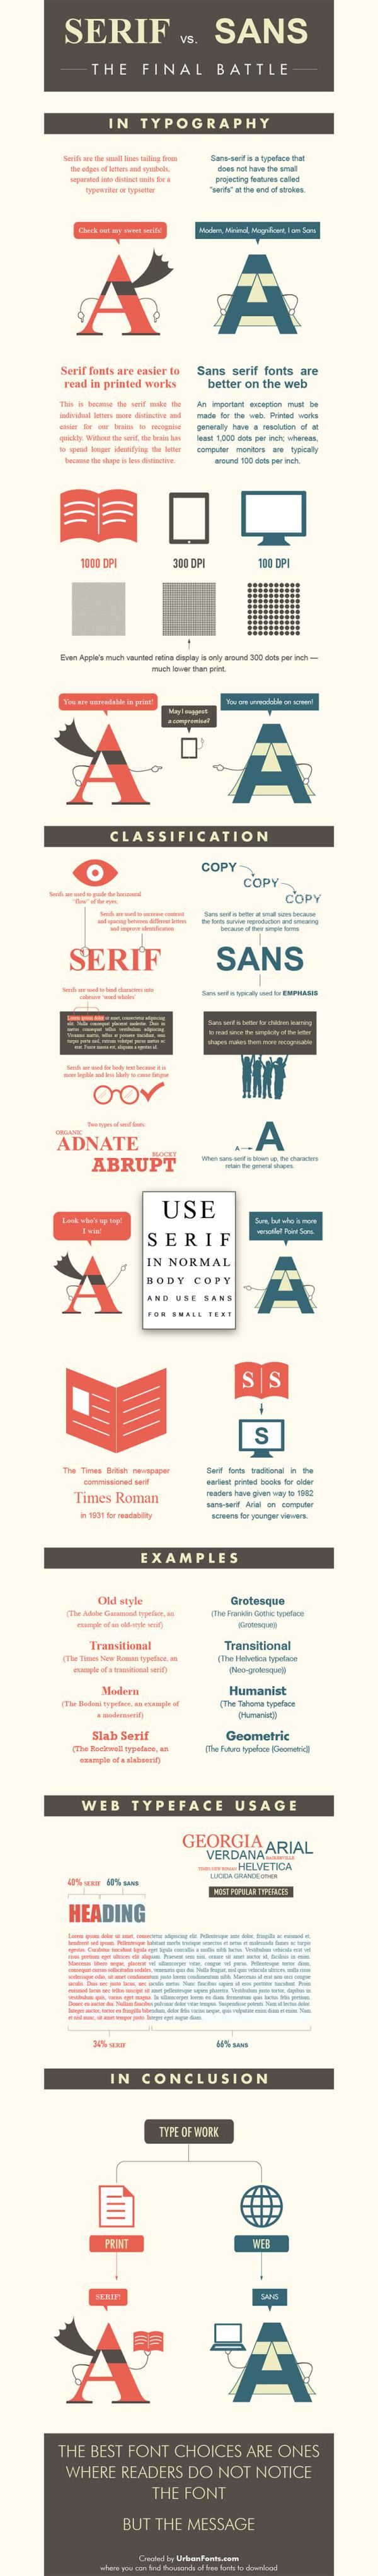 Serif vs. Sans: The Final Battle infographic